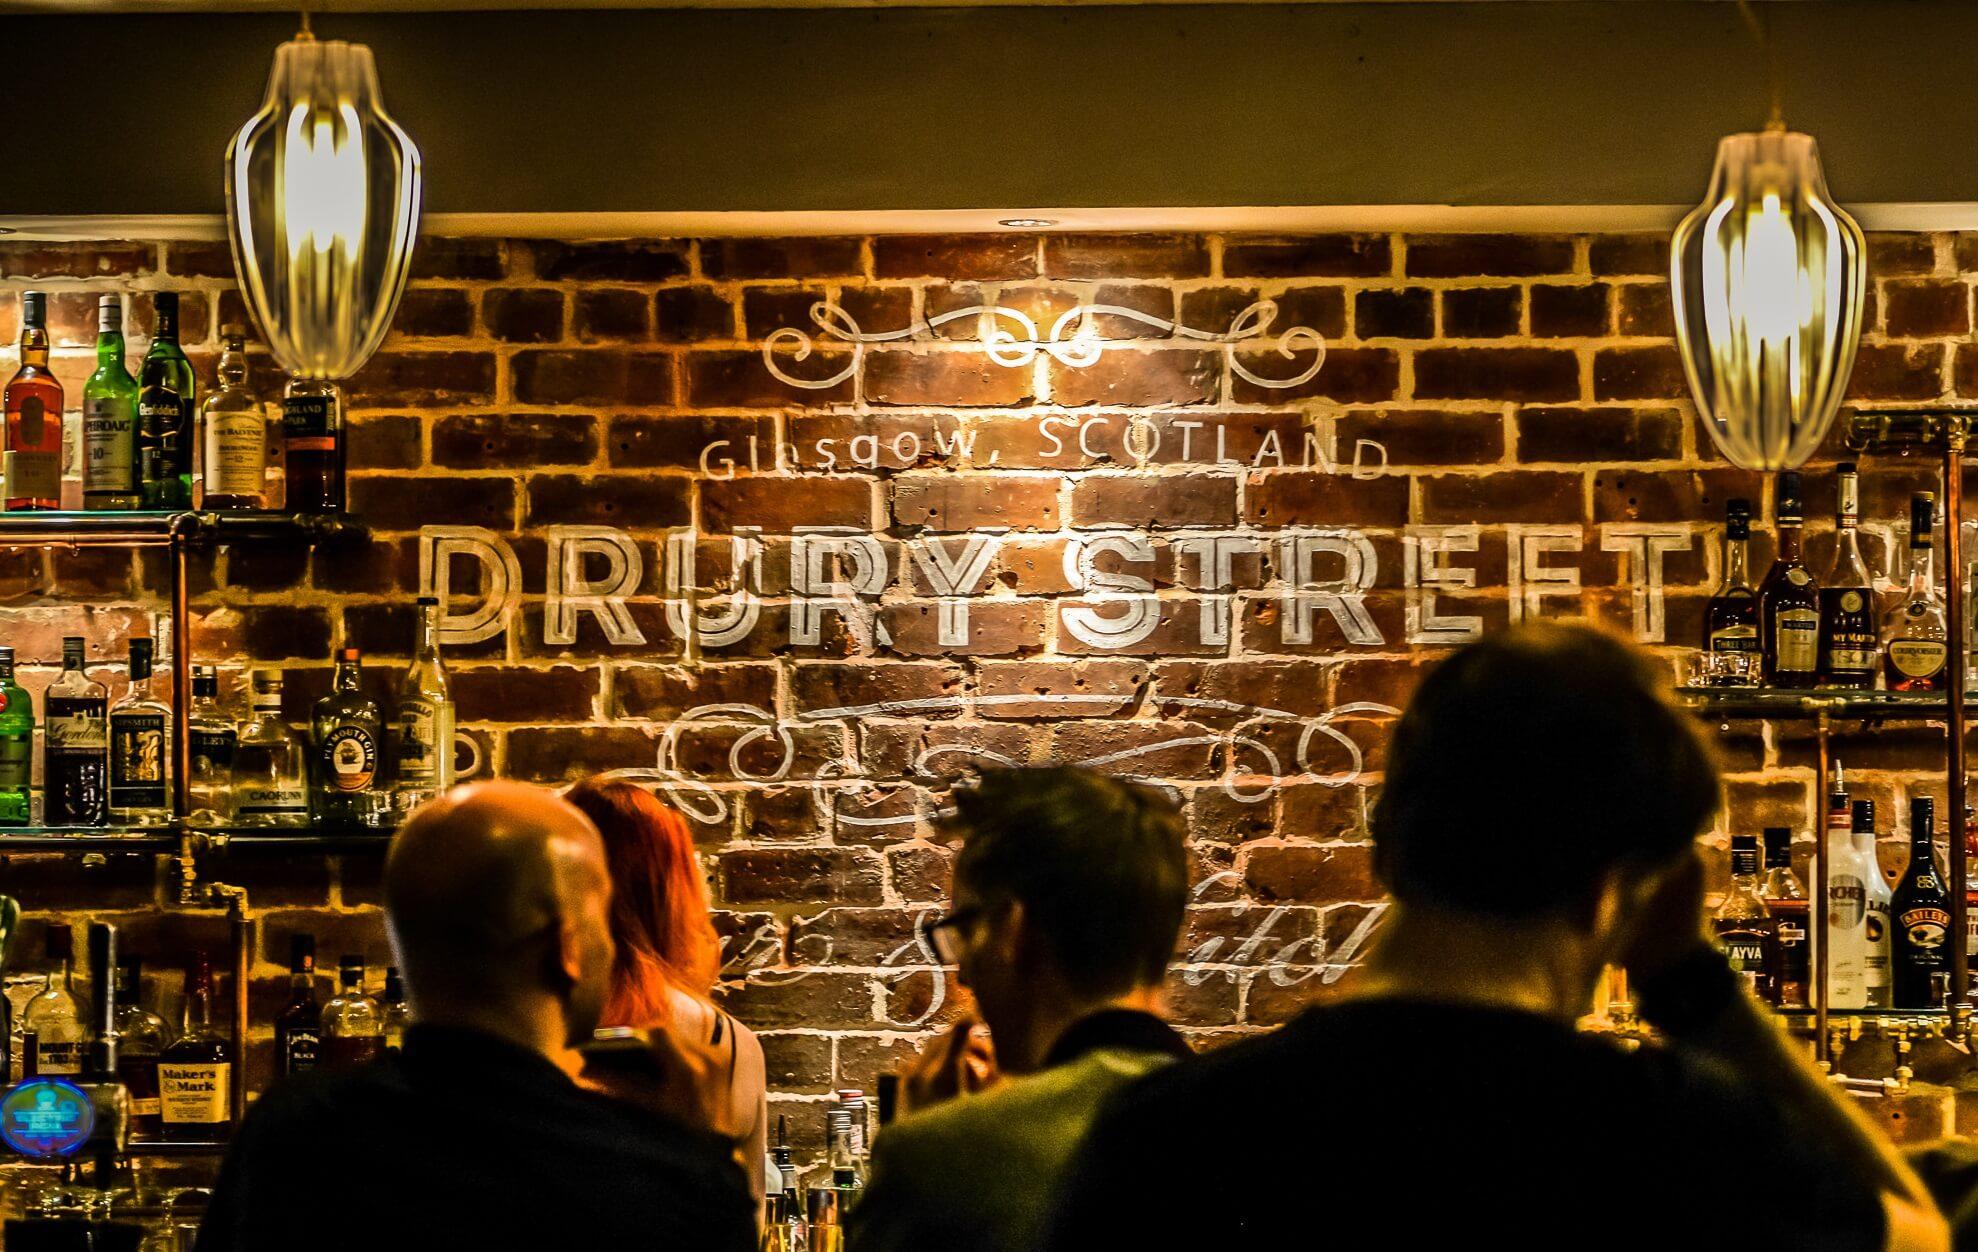 Drury Street Bar and Kitchen Glasgow Blog Header